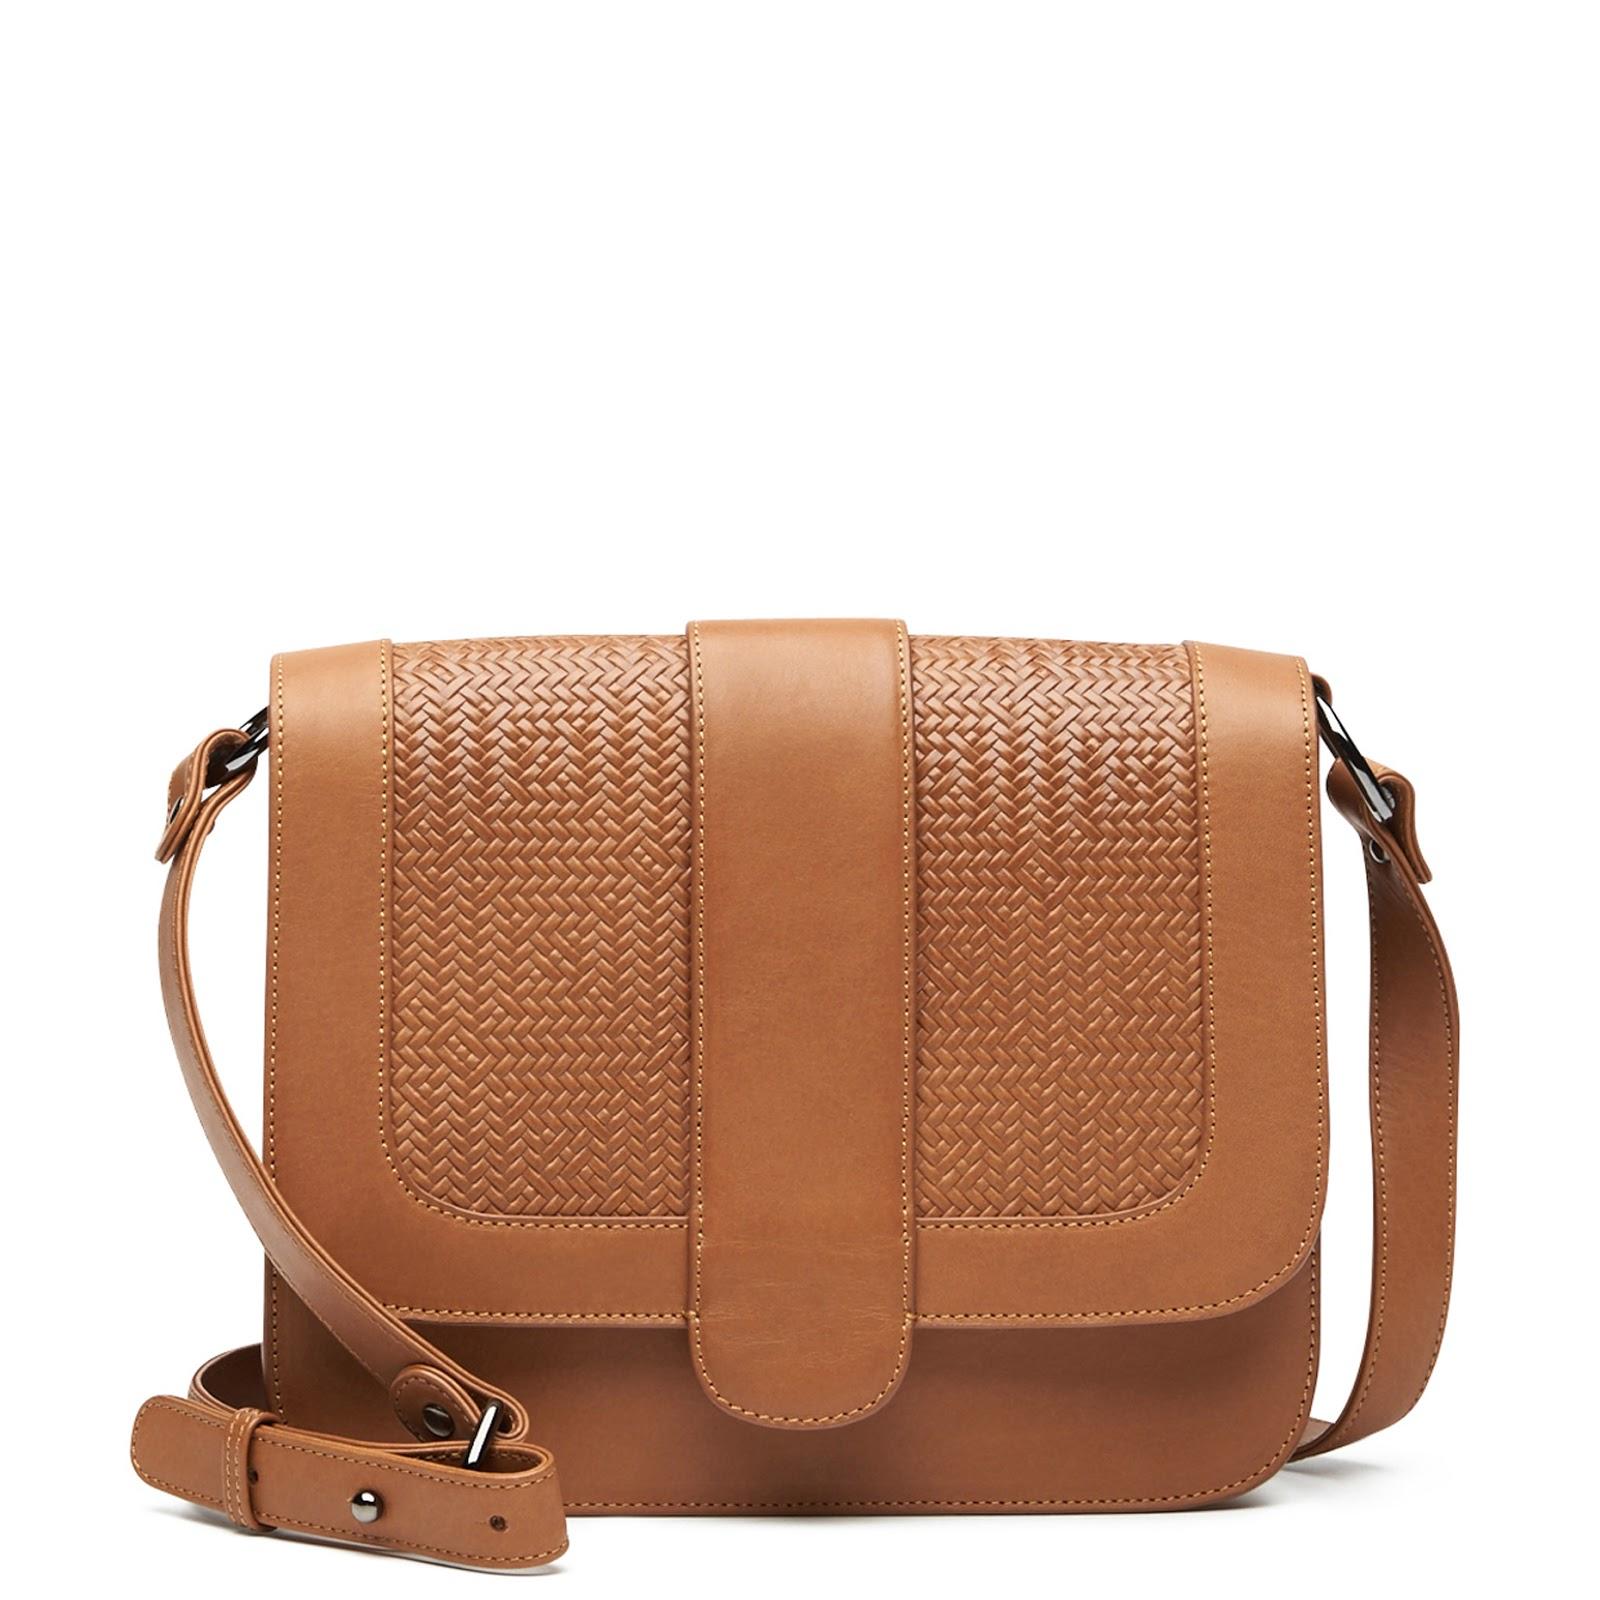 Solstice Bag